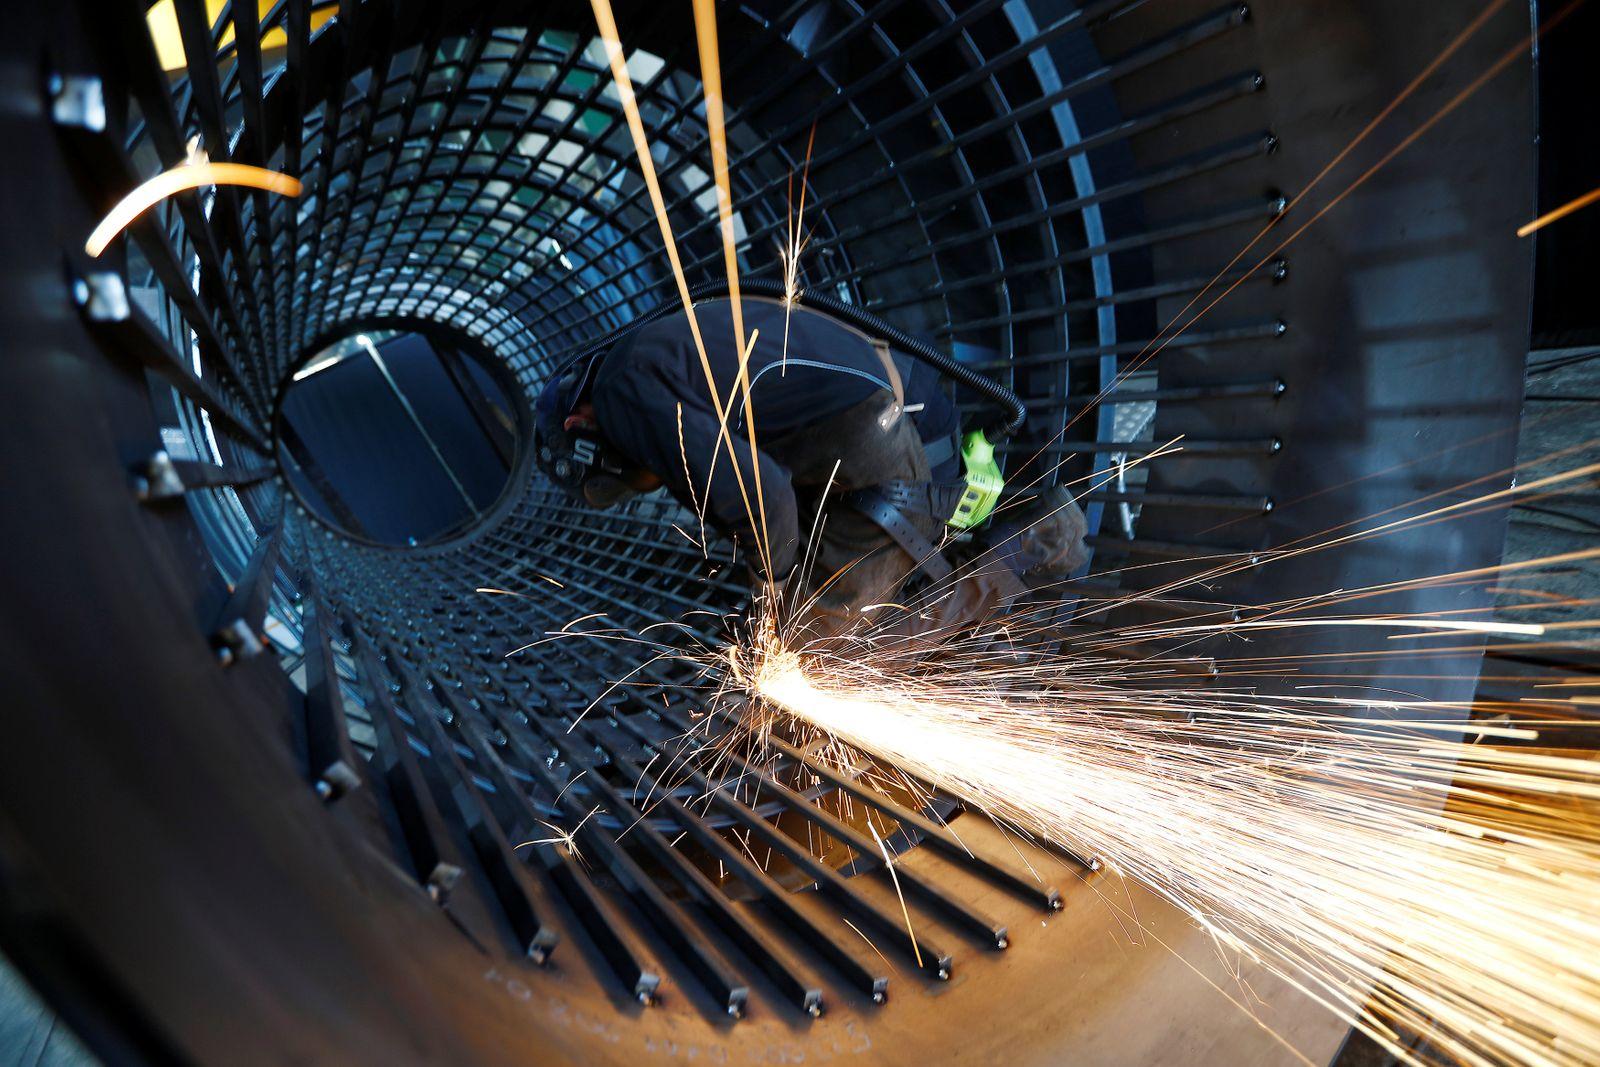 A worker grinds metal at the machine-building company Zemmler Siebanlagen in Massen